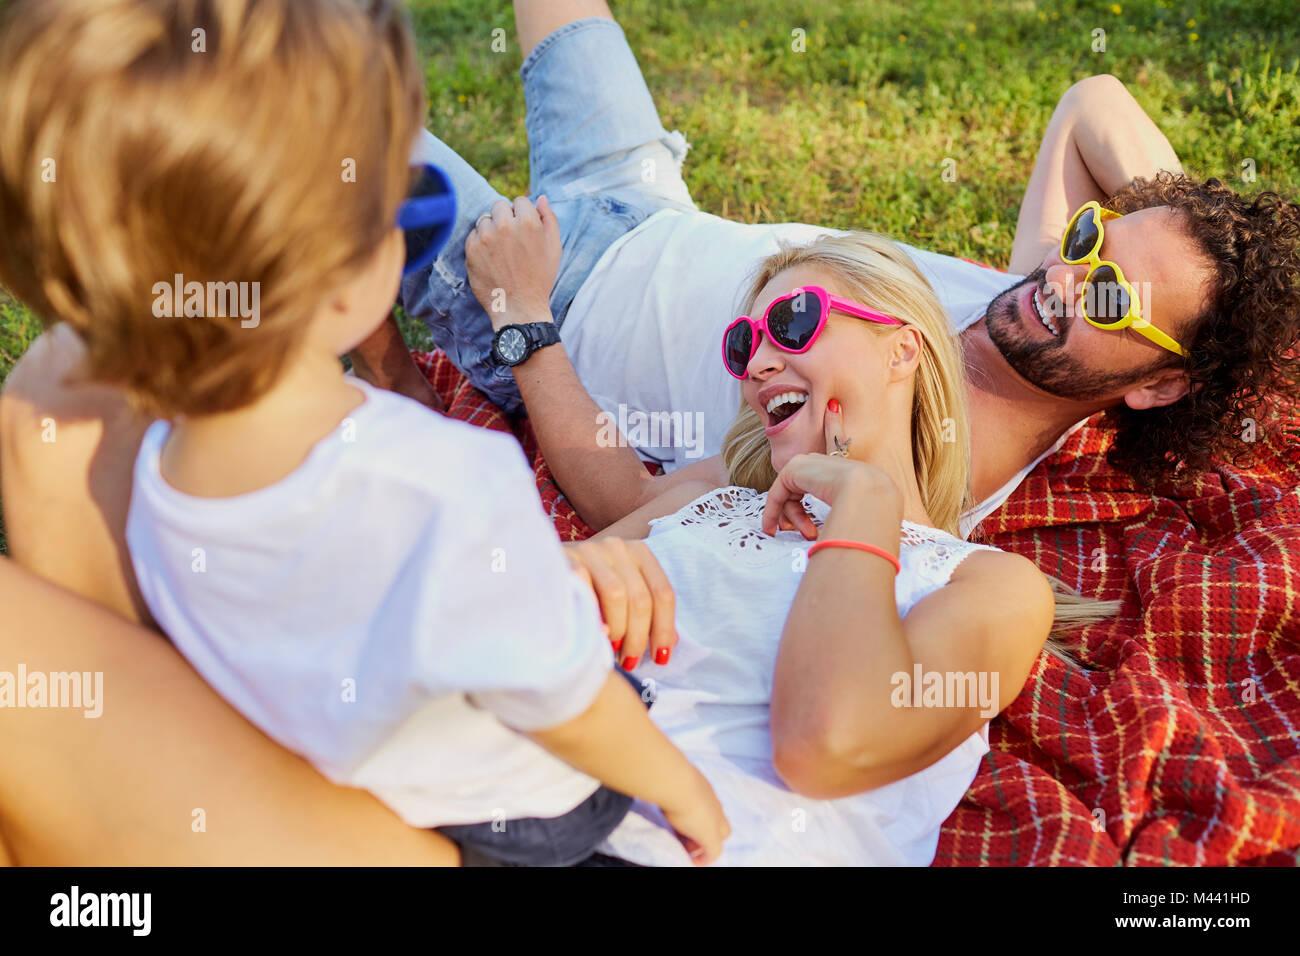 Glückliche Familie spielen im Park. Stockbild